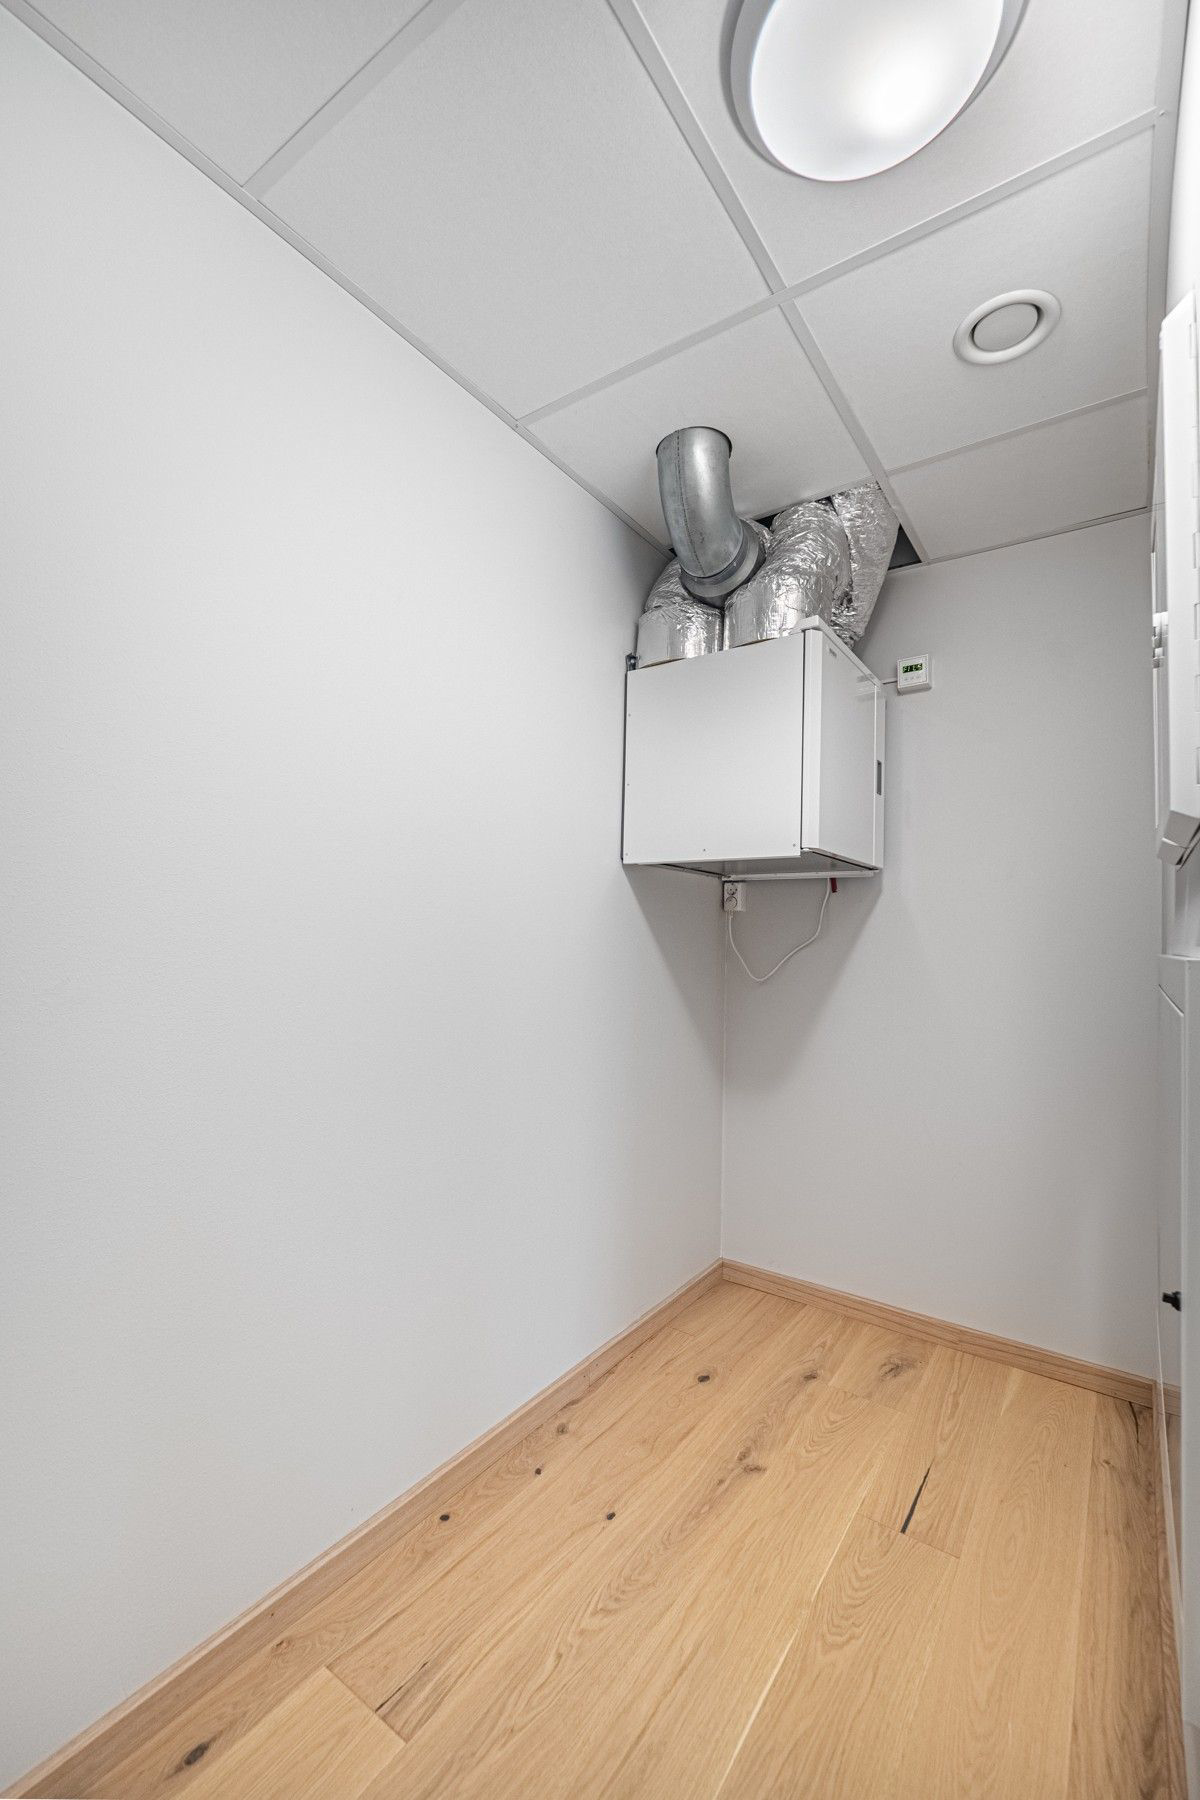 Bod/teknisk rom i leiligheten - God plass til oppbevaring